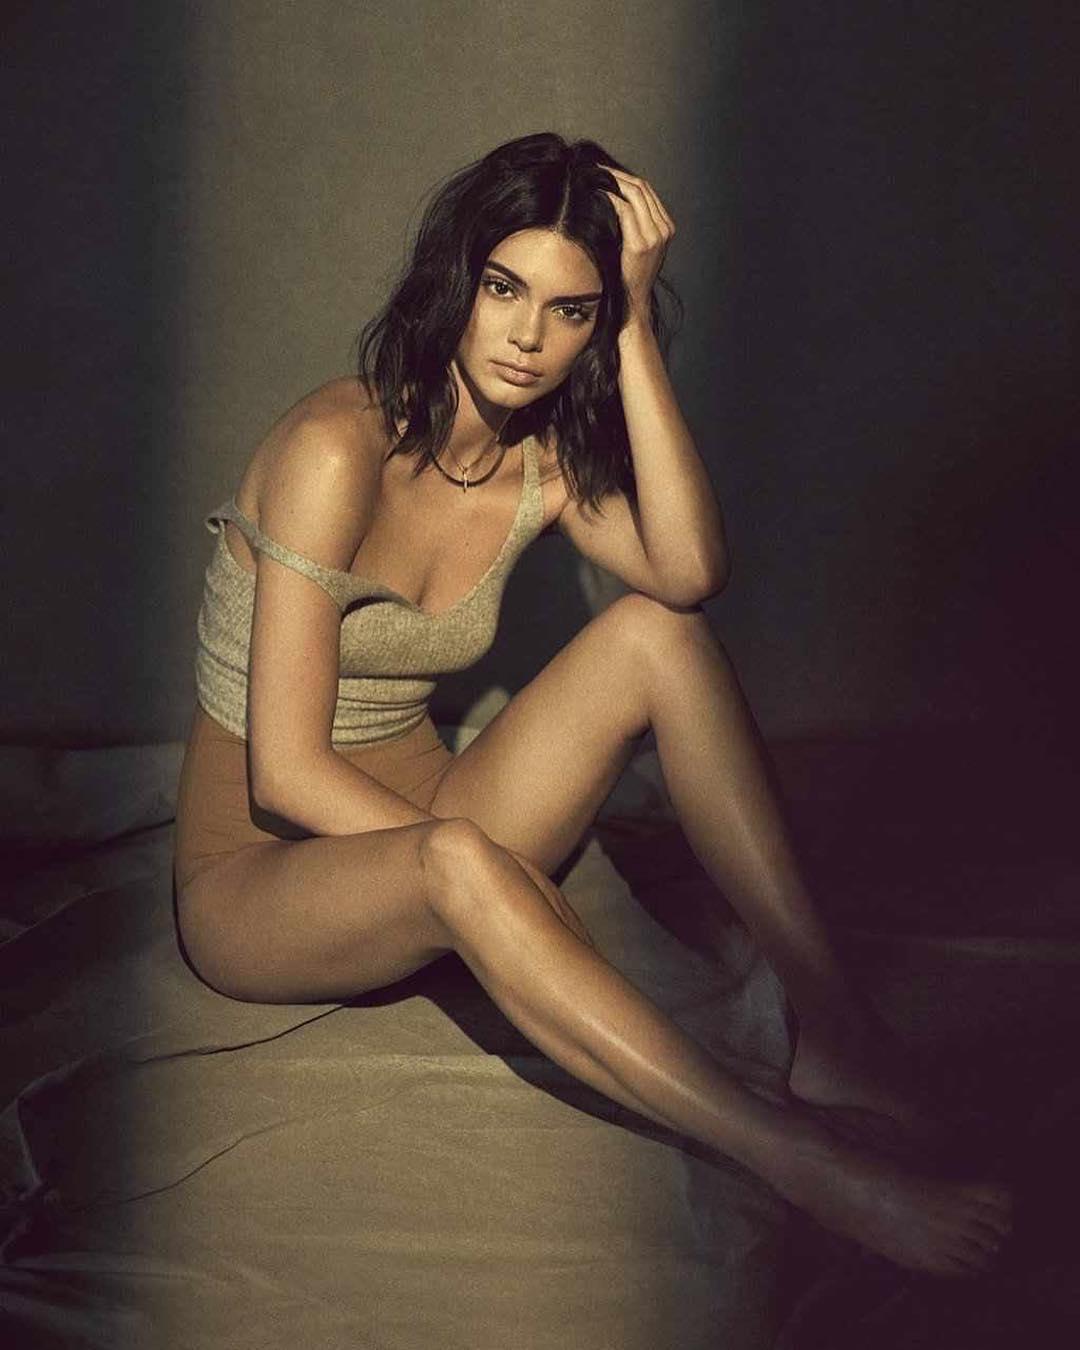 Dünyaca ünlü güzel model Kendall Jenner Instagram hesabından sexy paylaşımlarına devam ediyor. HD foto galeriyi görüntülemek için buraya tıklayın.